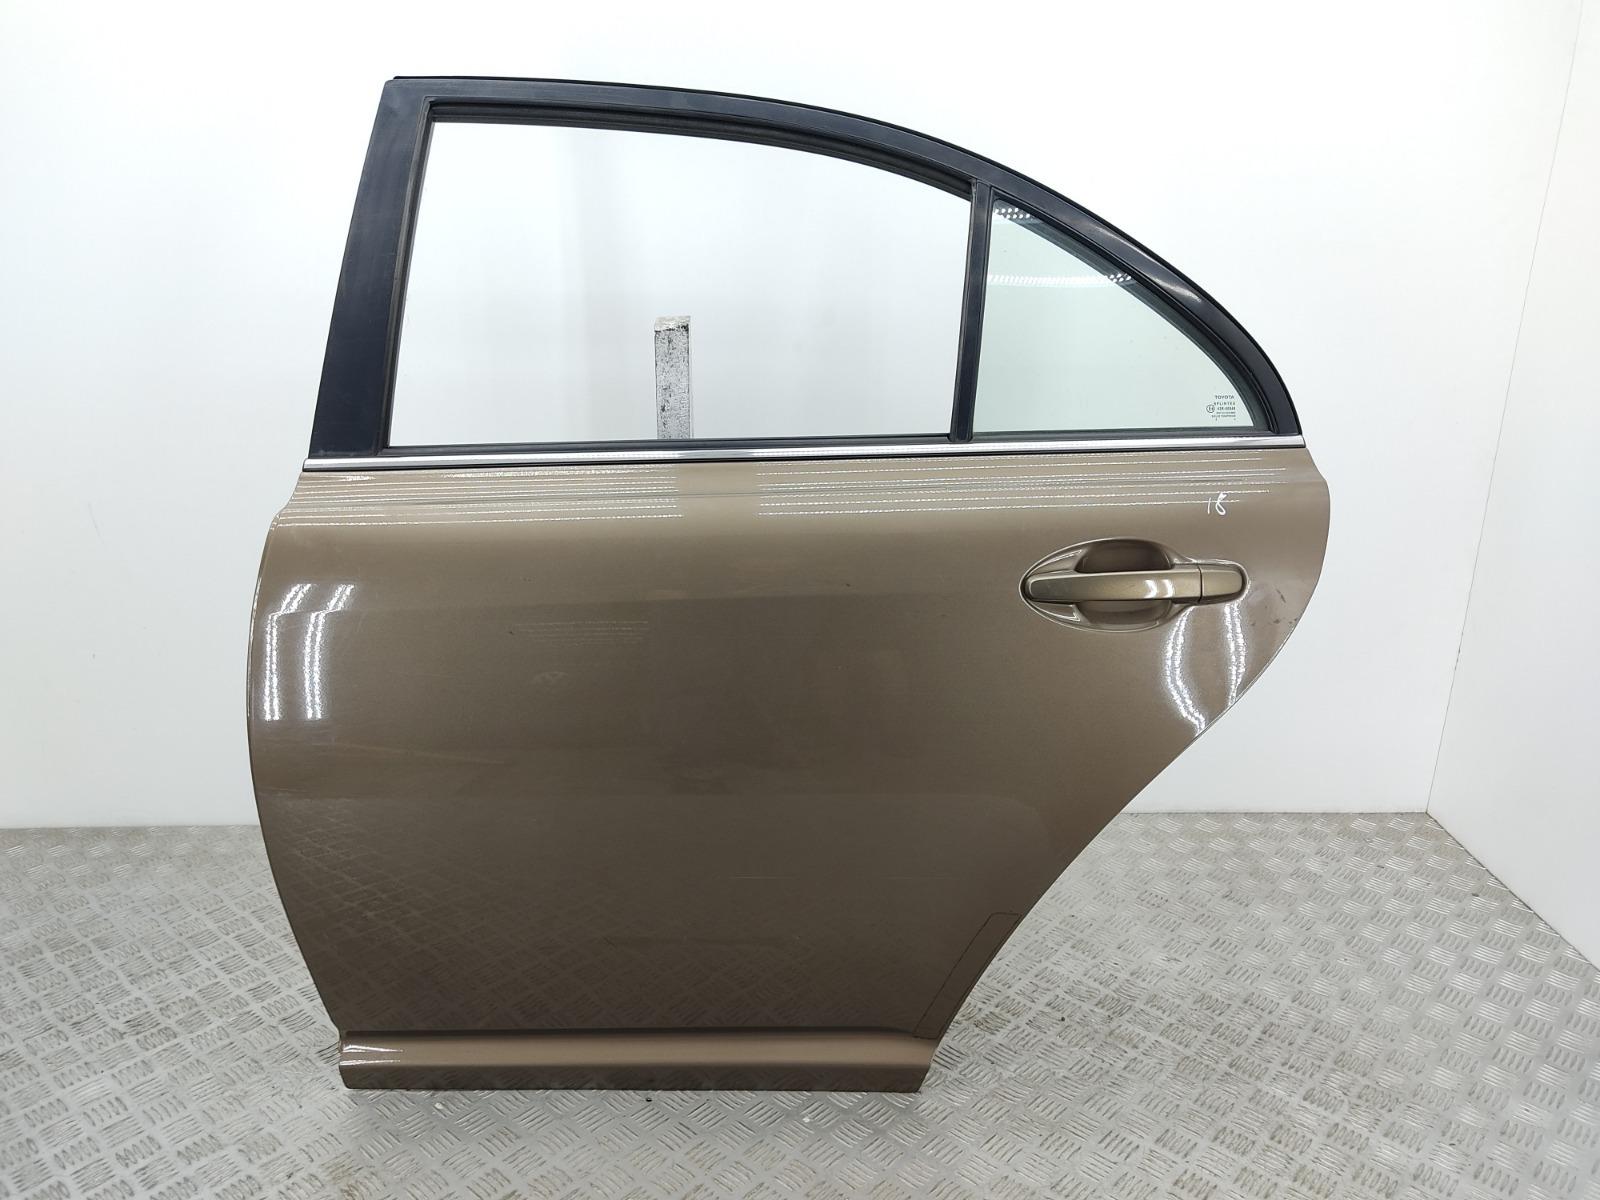 Дверь задняя левая Toyota Avensis 2.0 D-4D 2004 (б/у)